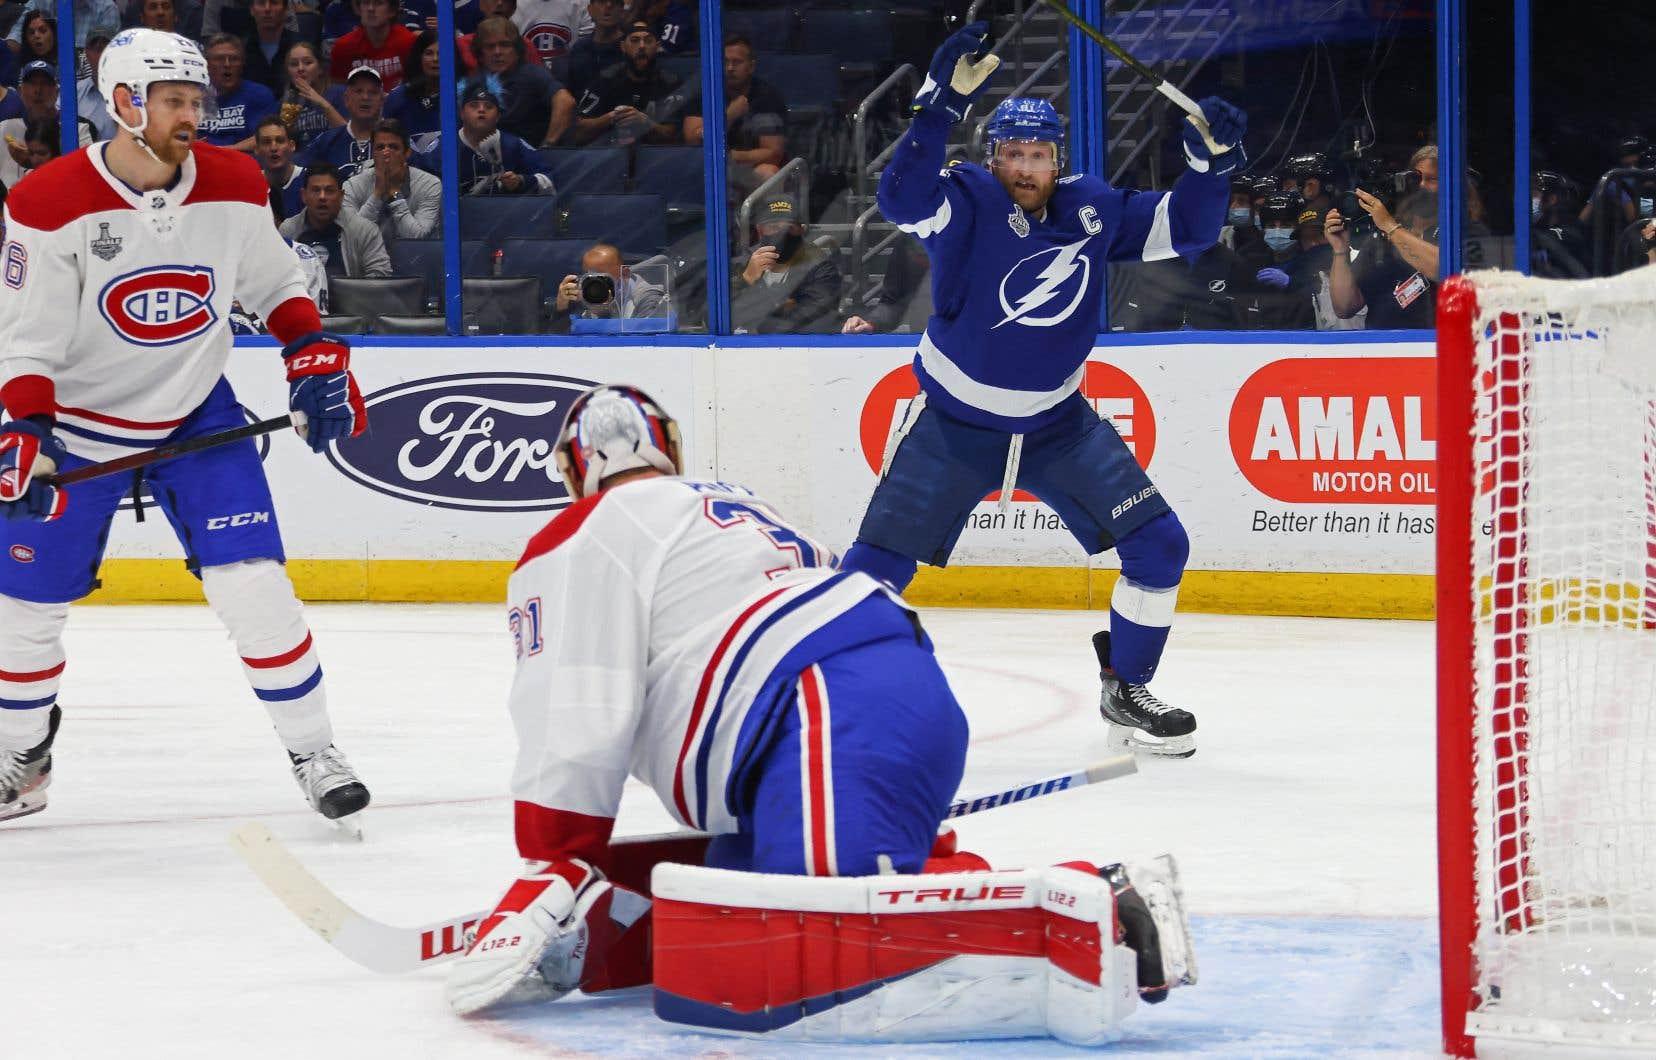 Le Canadien est mené 2-0 en série finale de la Coupe Stanley contre le Lightning de Tampa Bay.